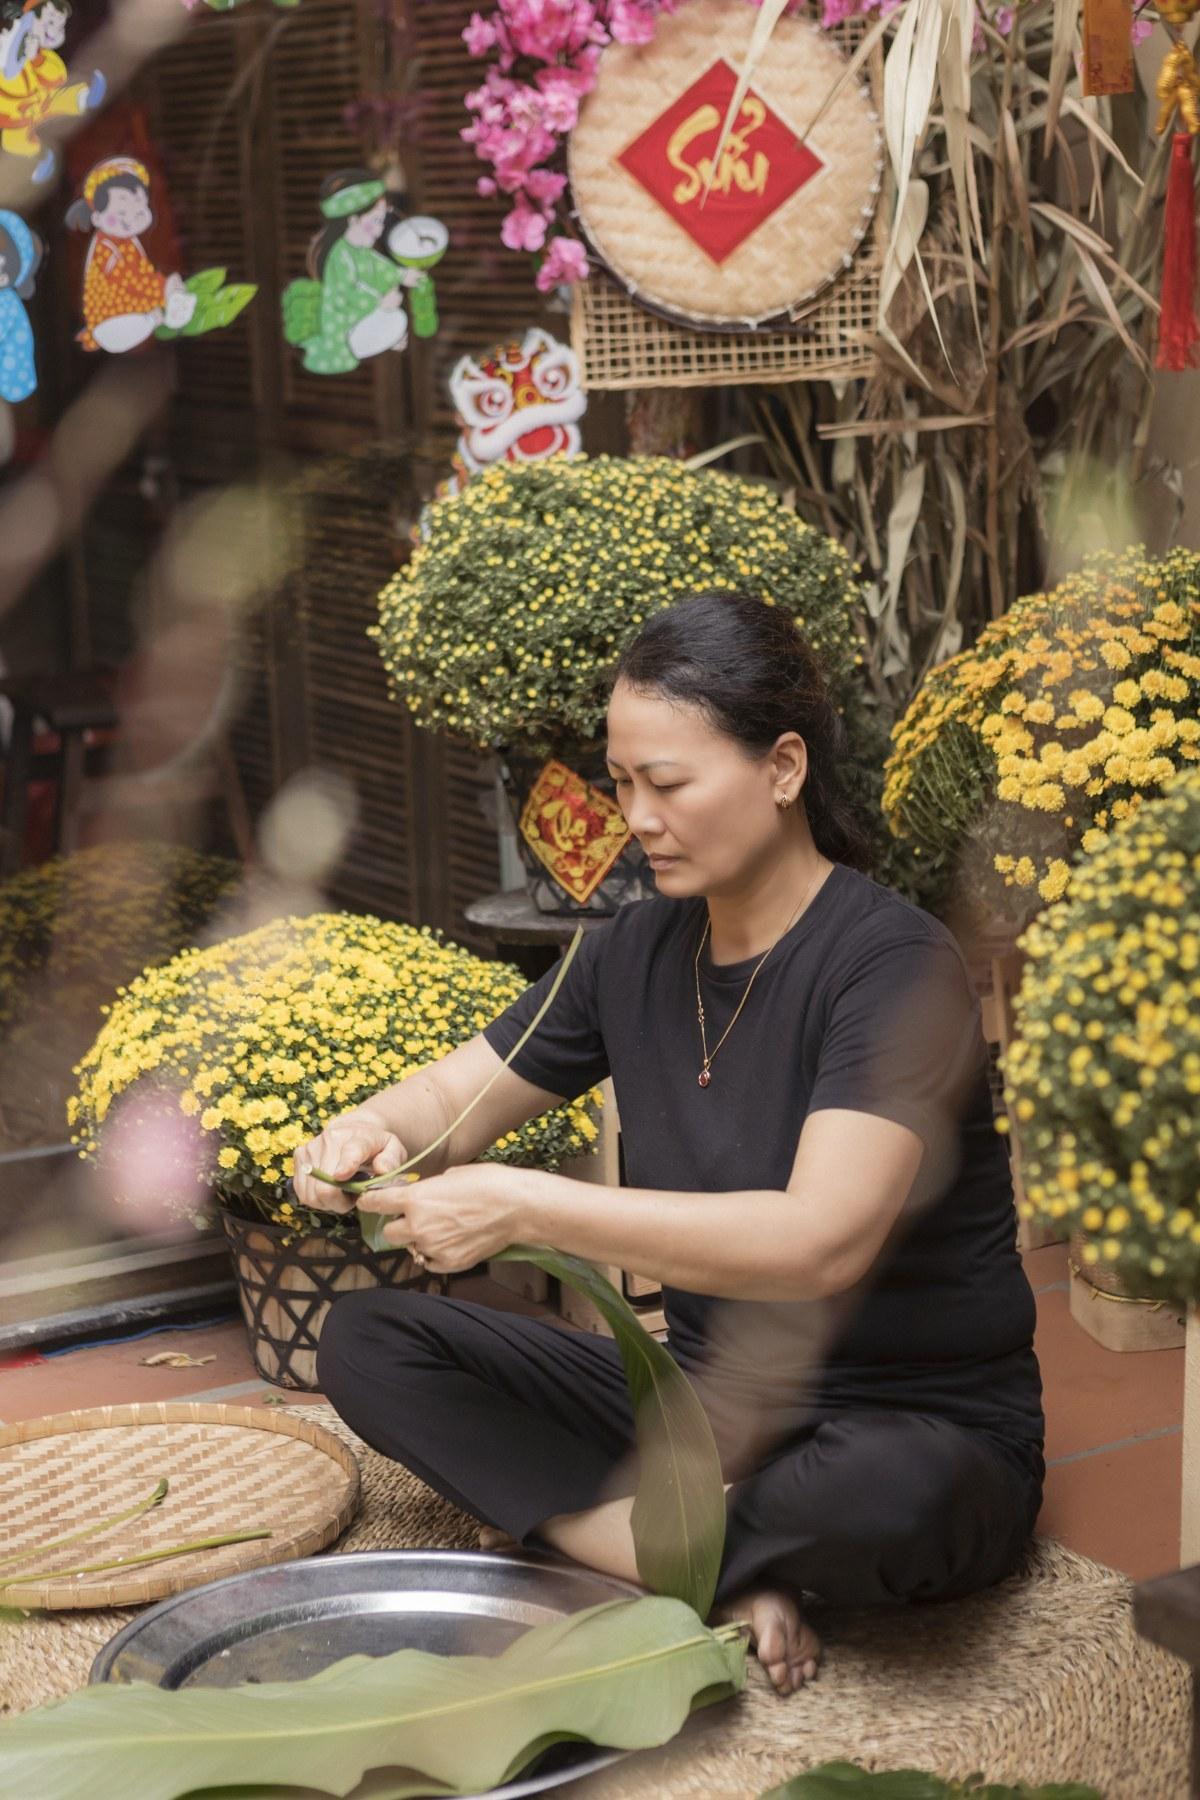 Vương Thu Phương cùng mẹ gói bánh chưng ngày Tết Ảnh 5